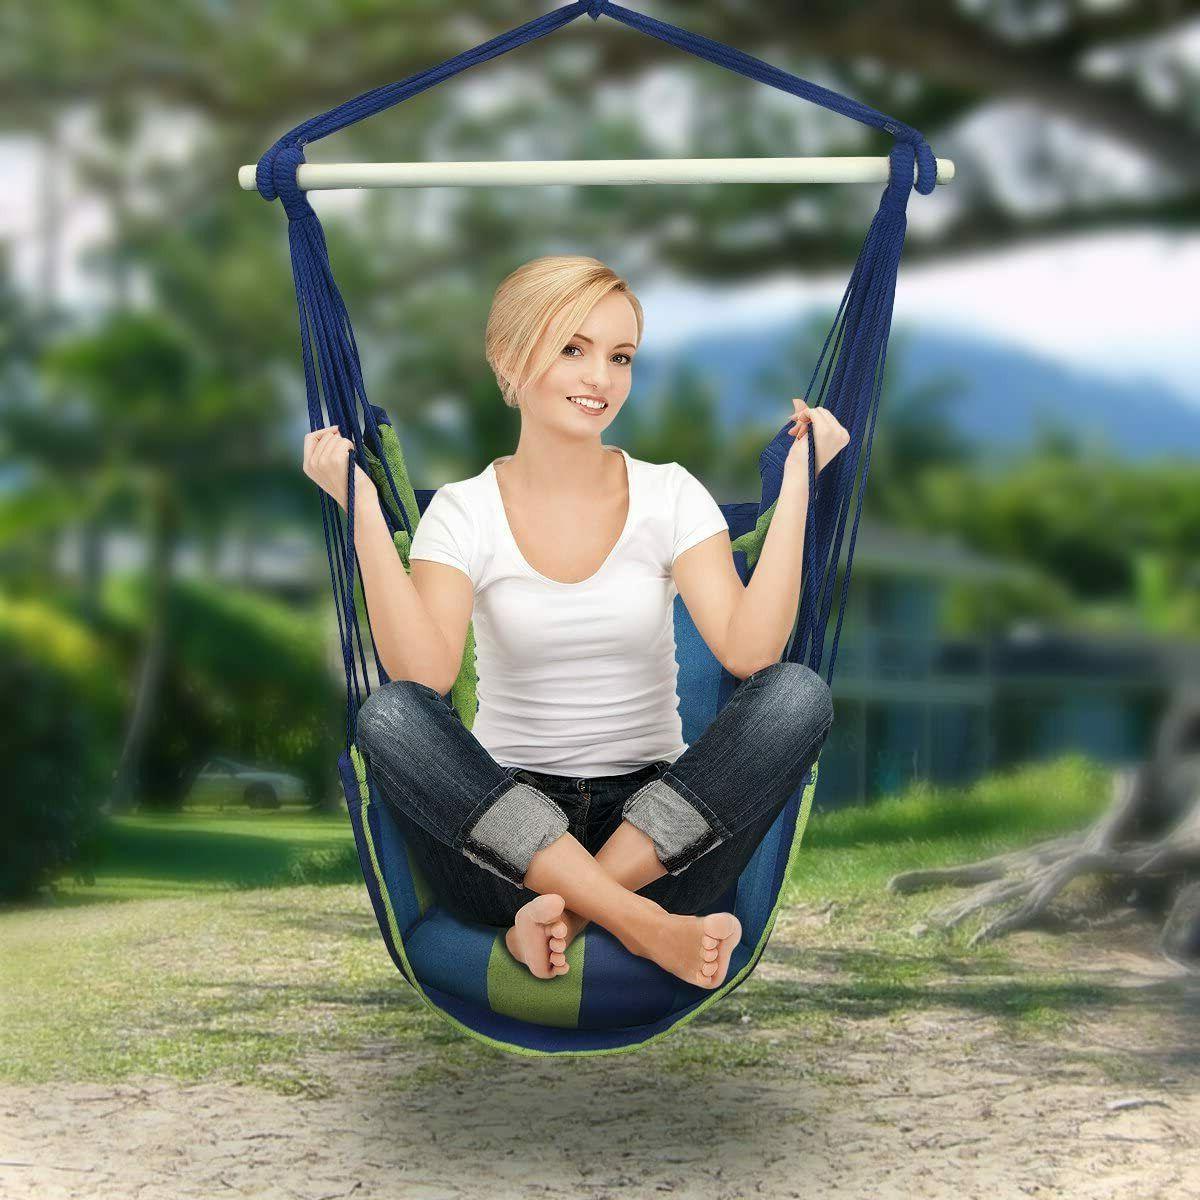 Sorbus Hanging Rope Hammock Chair Swing Seat Indoor or Outdoor